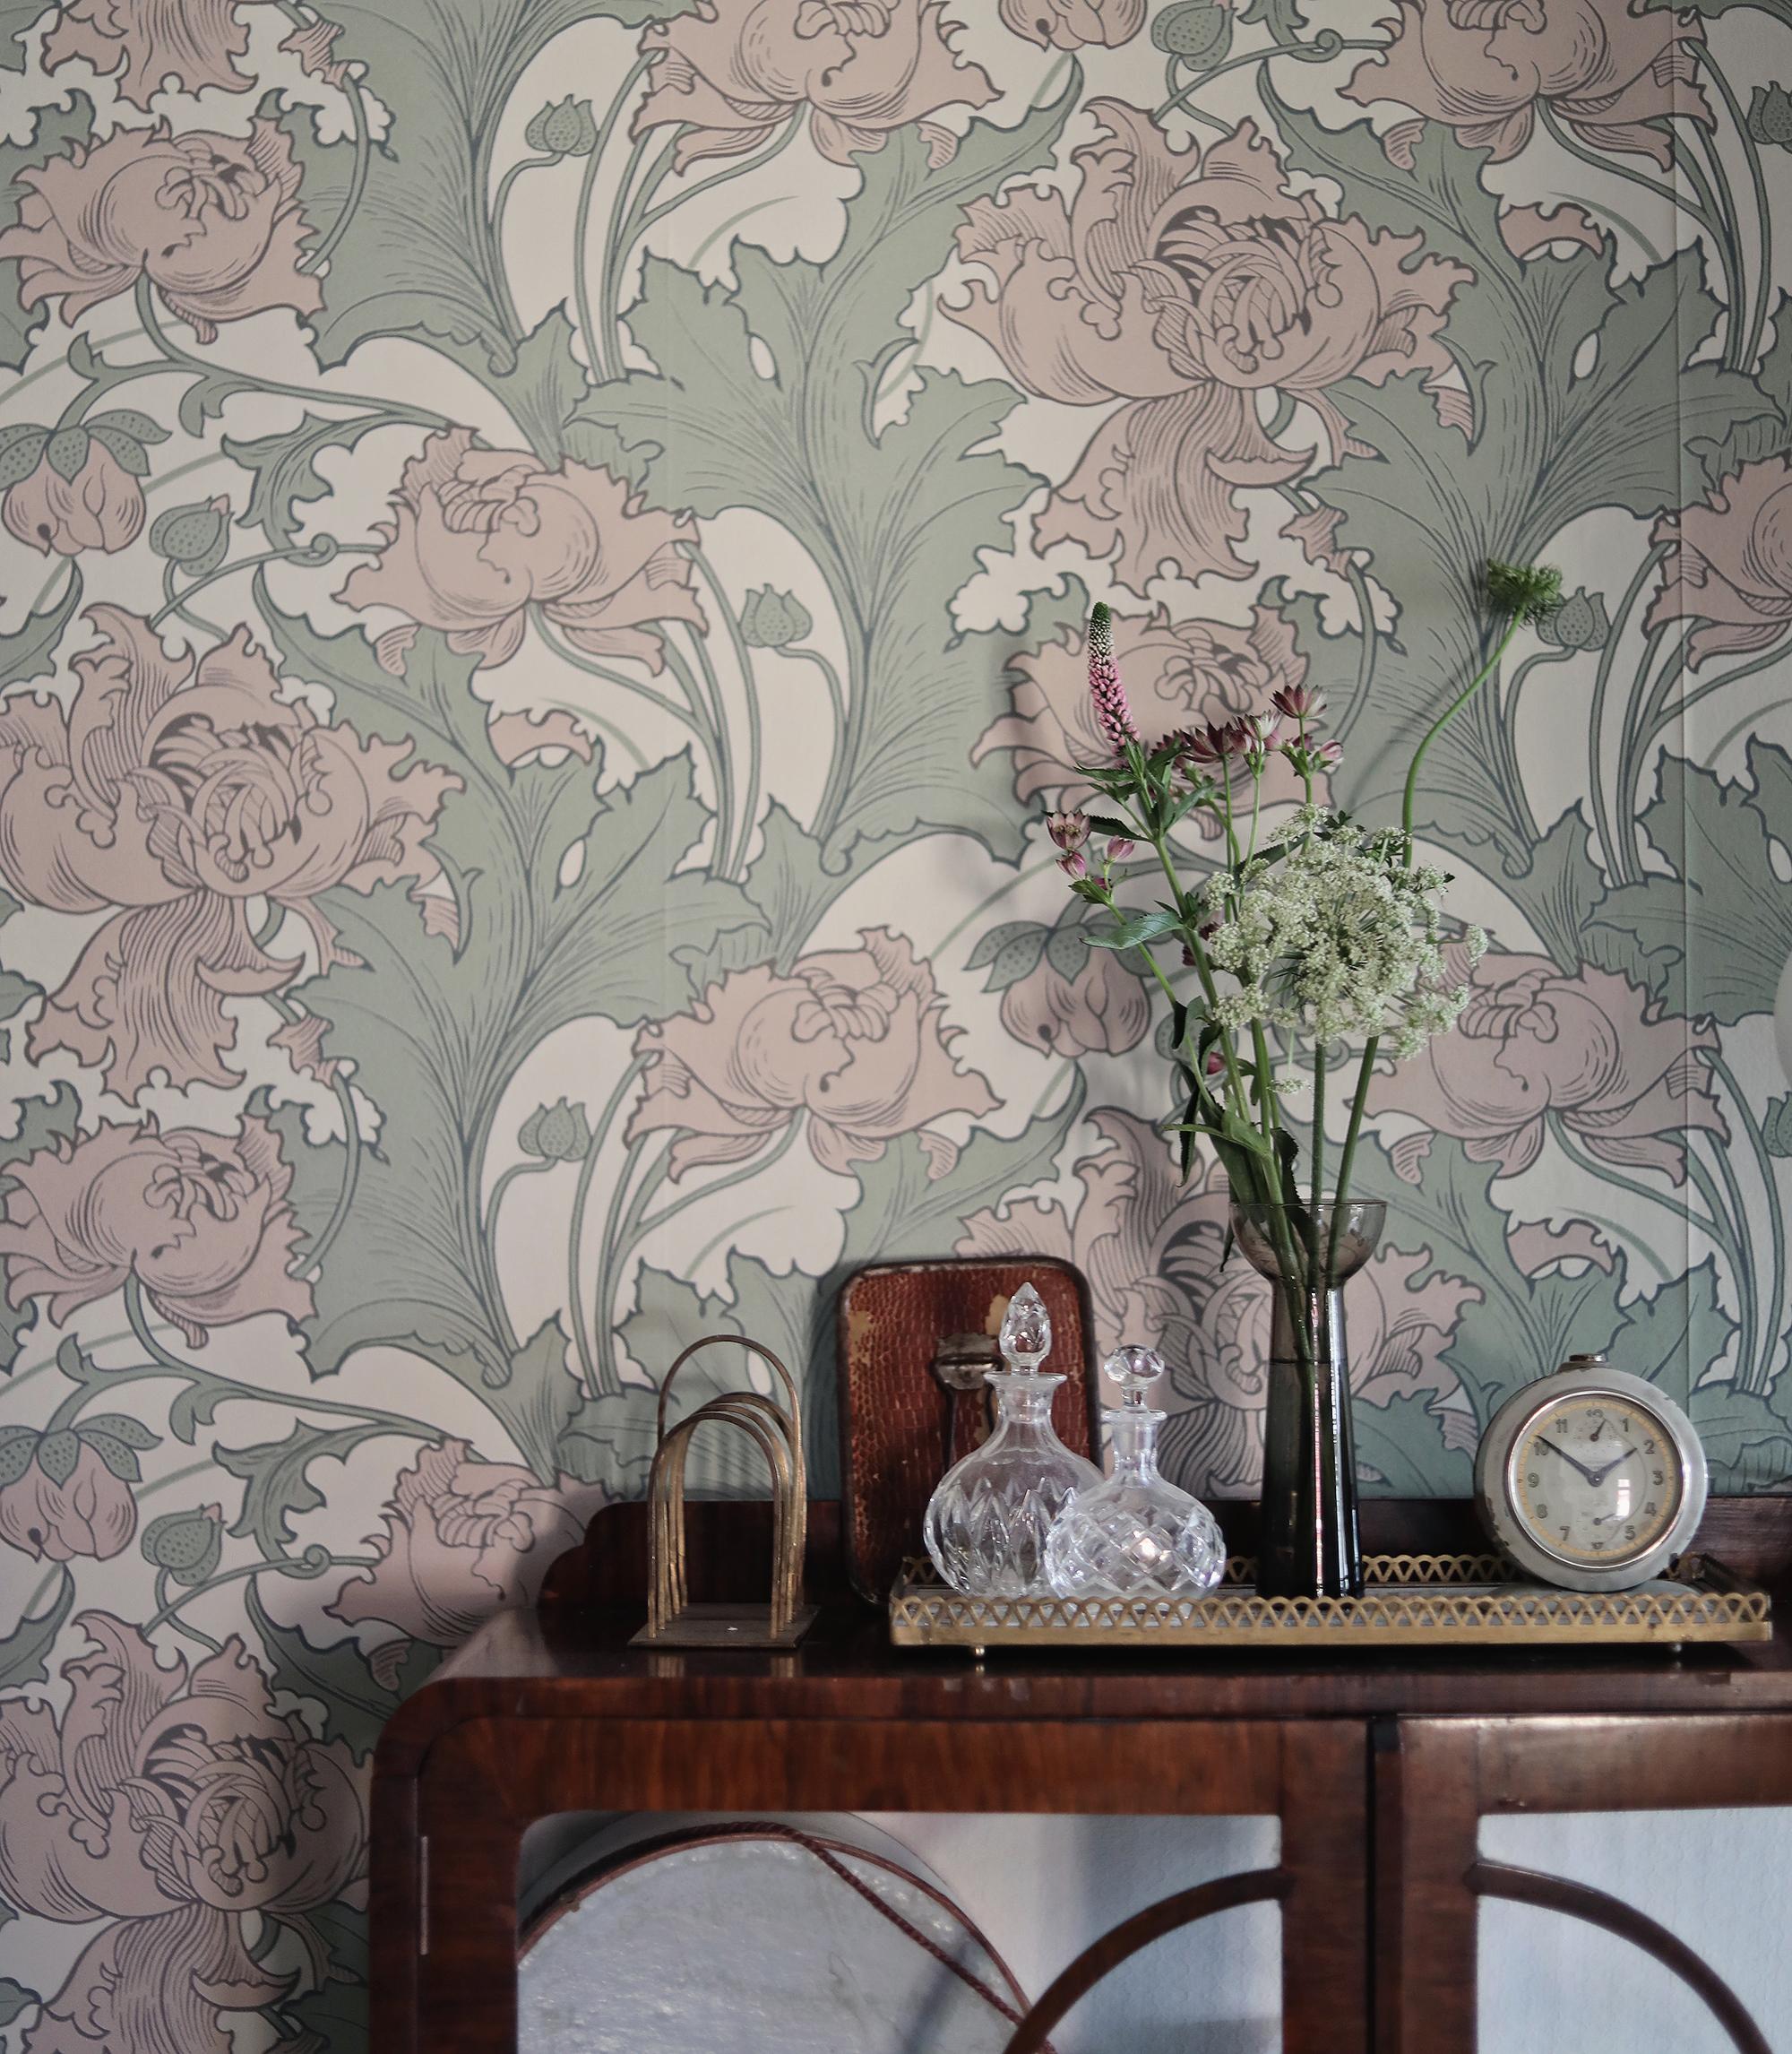 tapet tapeter wallpaper Boråstapeter Siri Anno inredning art nouveau blommor blommig dörr sekelskift skåp